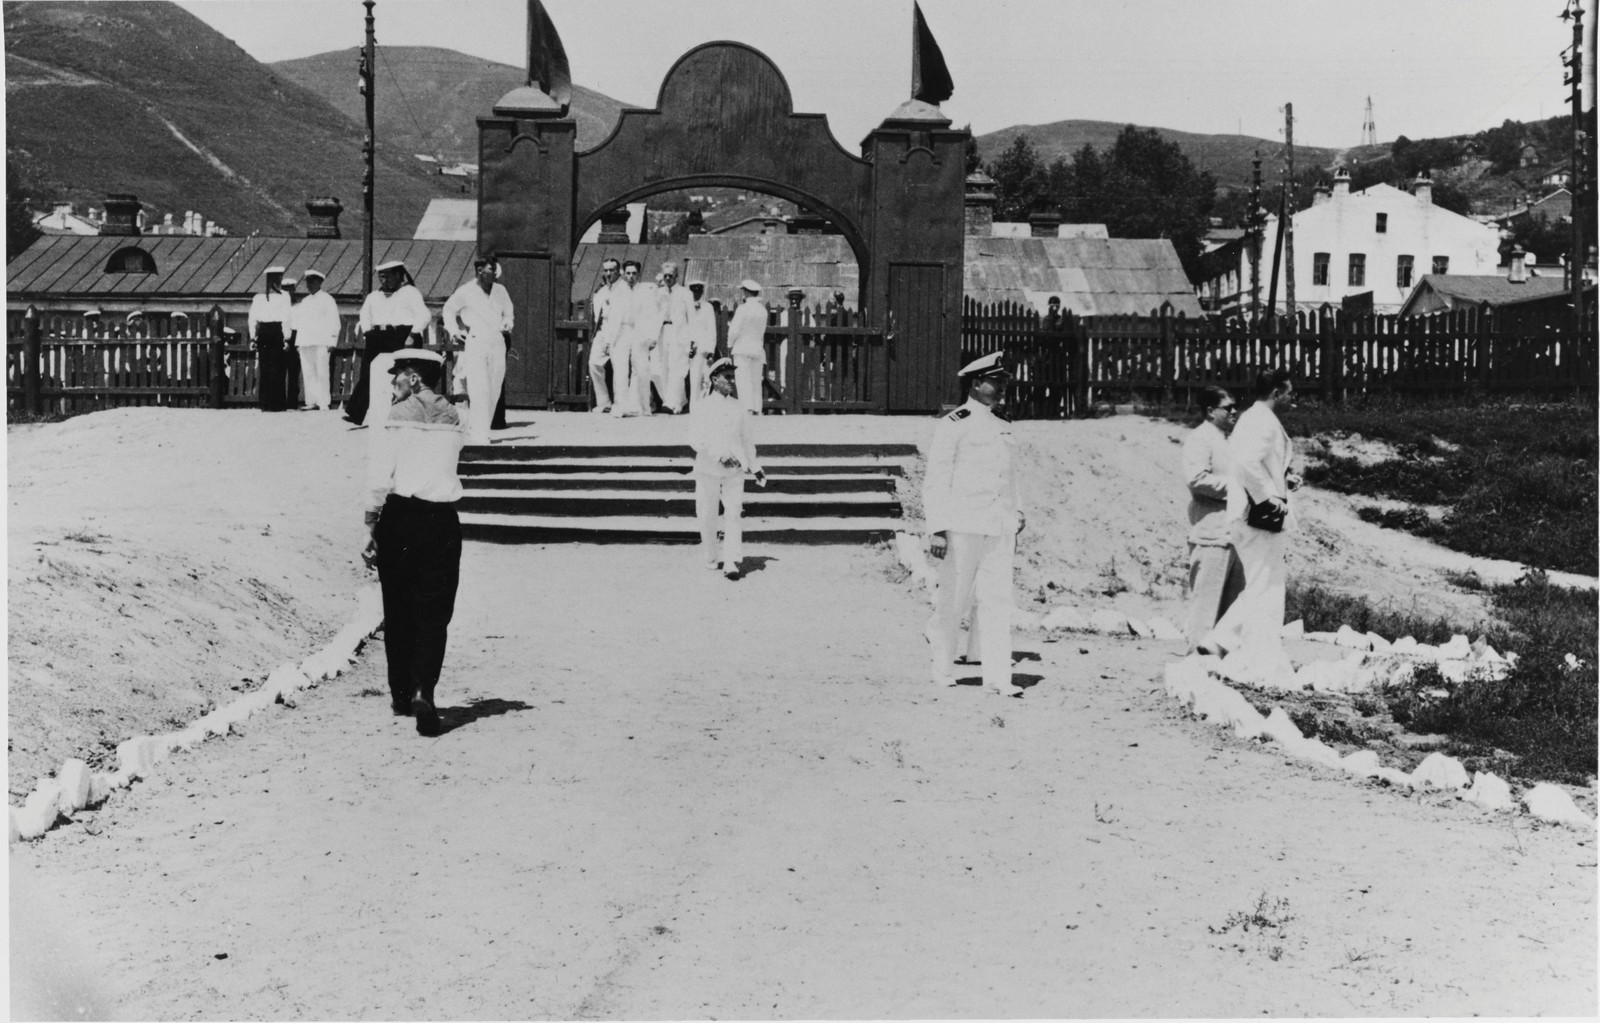 Американские офицеры и моряки идут на стадион, чтобы посмотреть спортивные соревнования. 29 июля